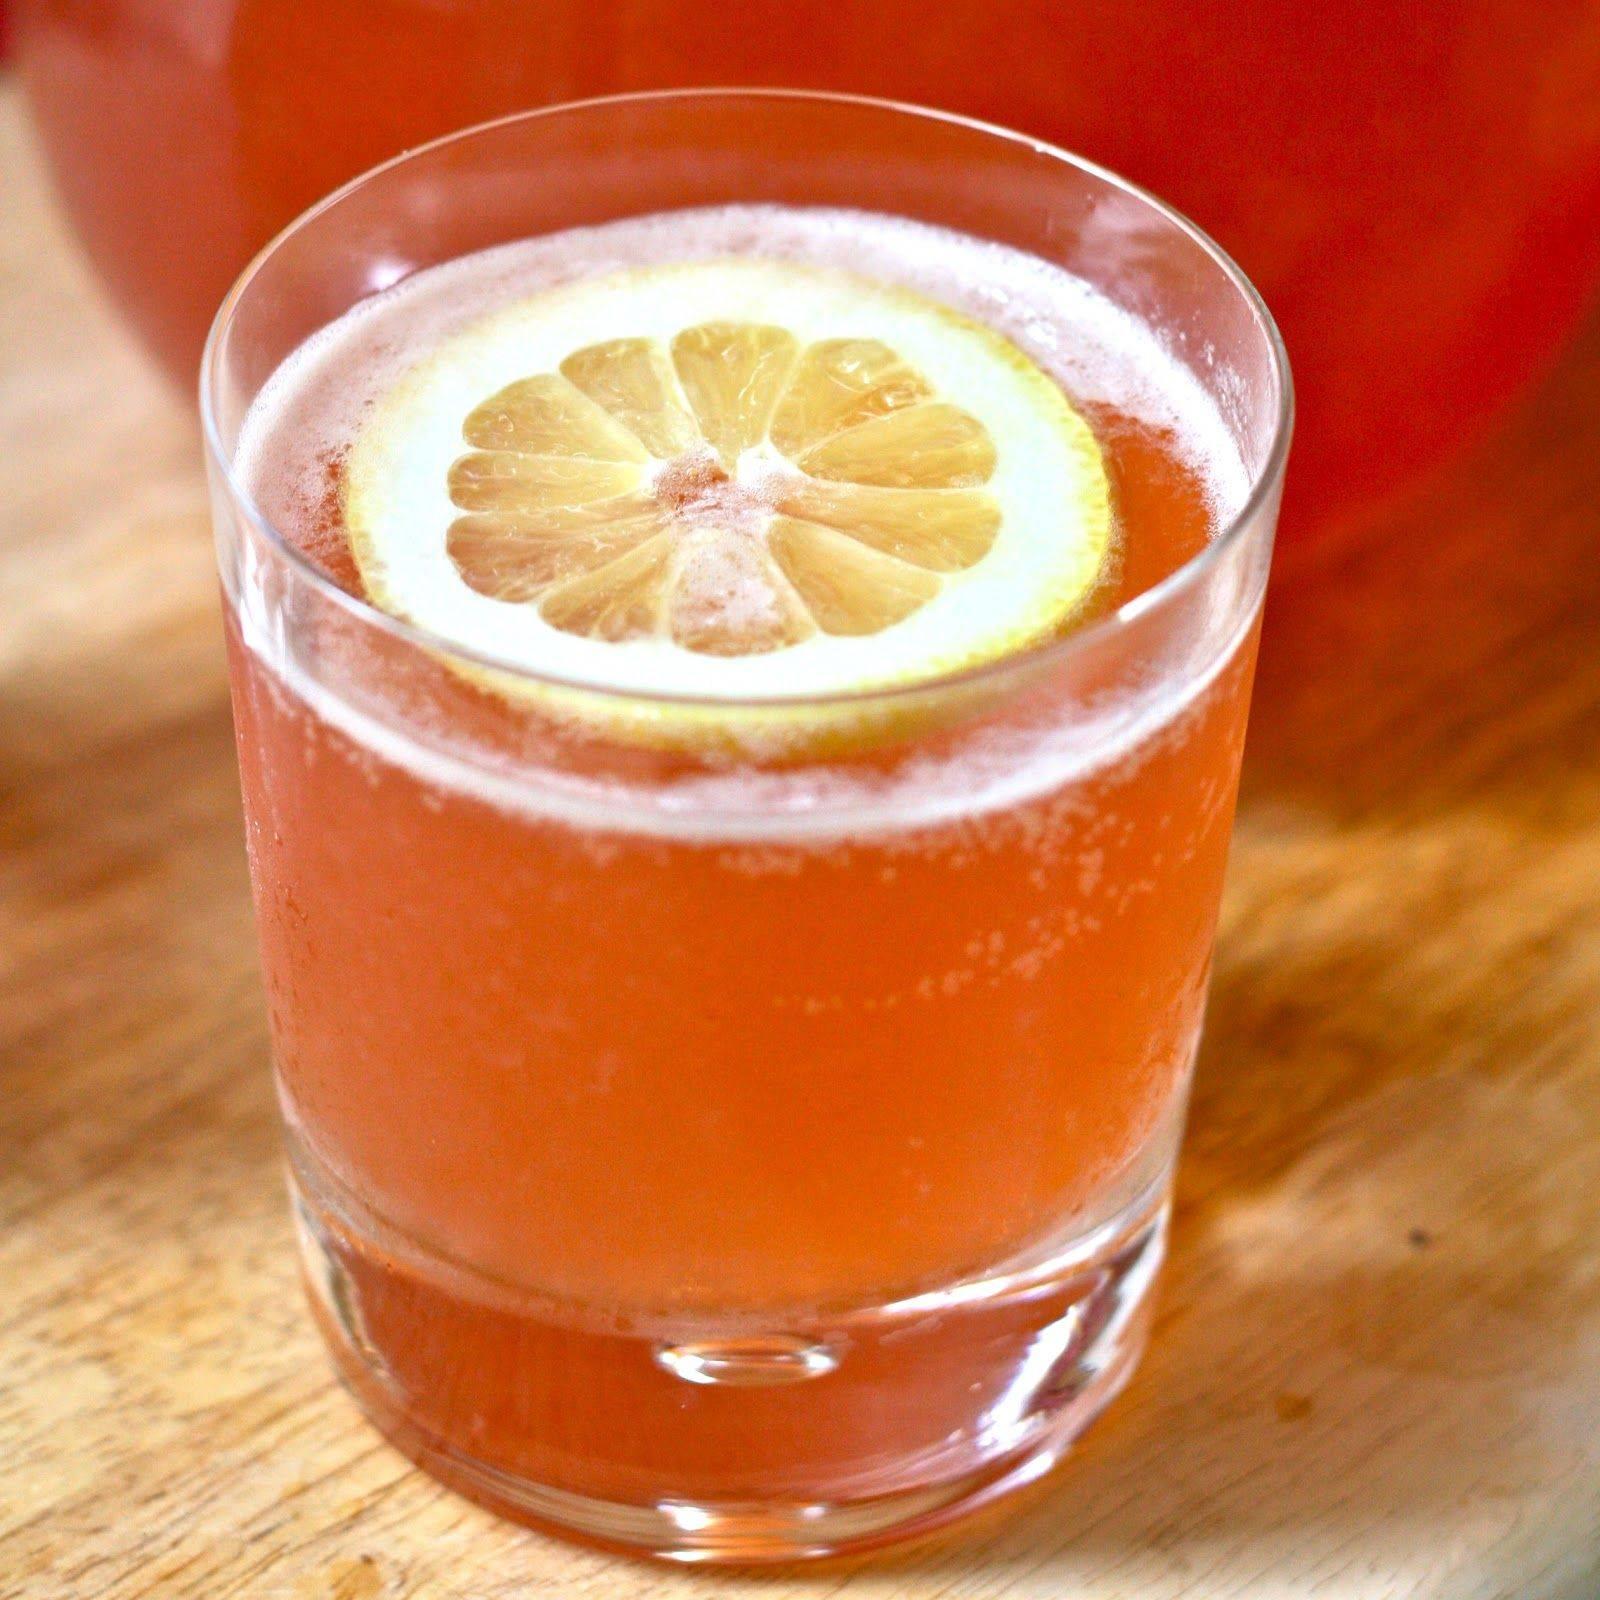 Виски с соком: с каким лучше пить, а также пропорции и обзор вишневых, апельсиновых, томатных, гранатовых коктейлей, а также название яблочного из песни группы st1m